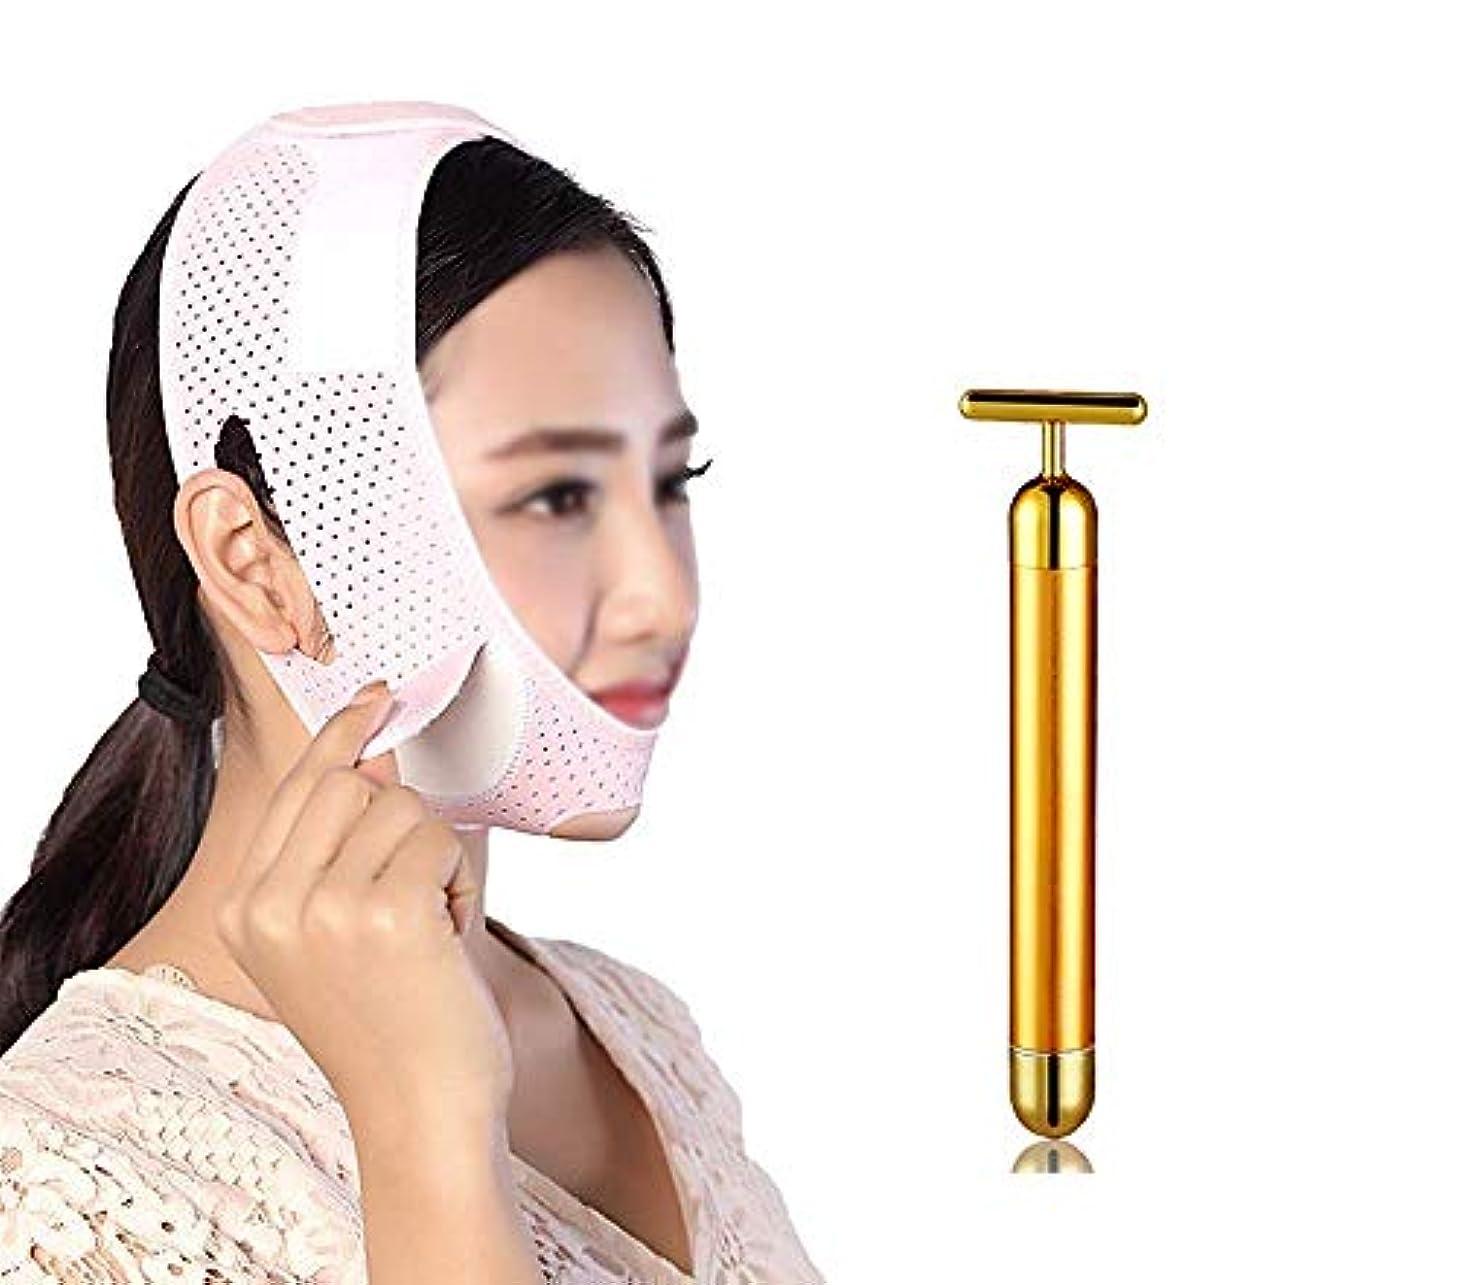 ピック合図舗装顔と首を持ち上げる術後弾性セットVフェイスマスクは、チンV顔アーティファクト回復サポートベルトの収縮の調整を強化します。